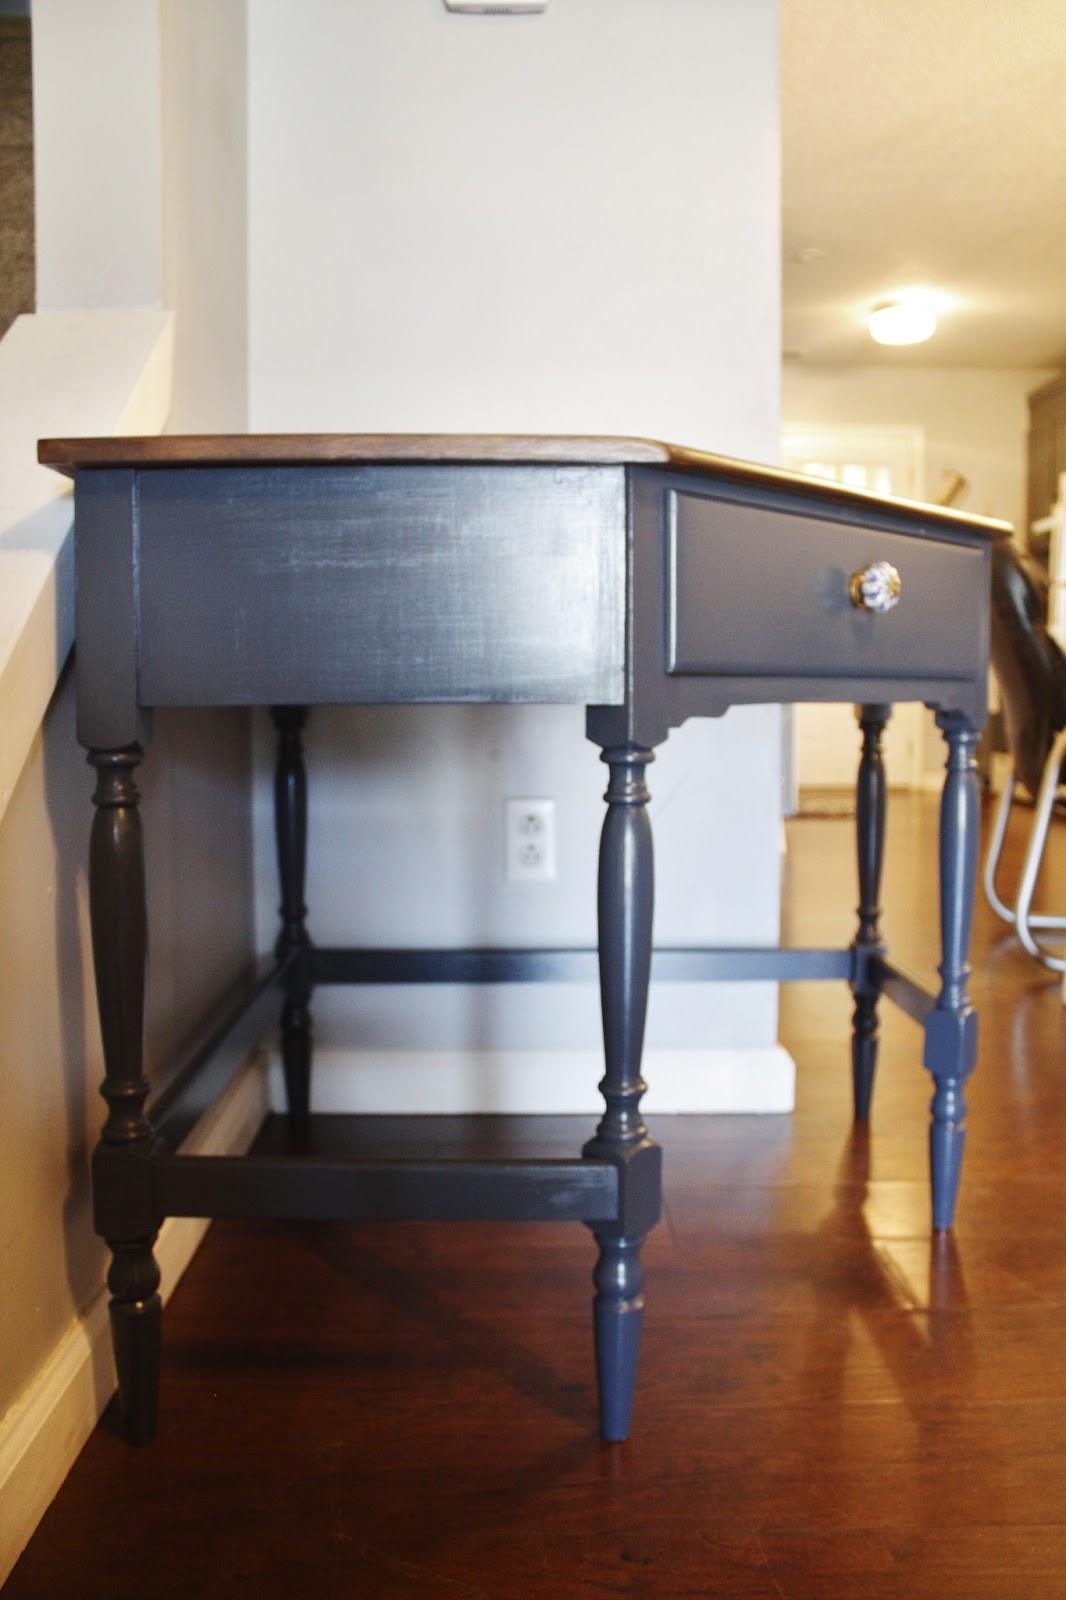 Jl Designs Navy Blue Corner Desk